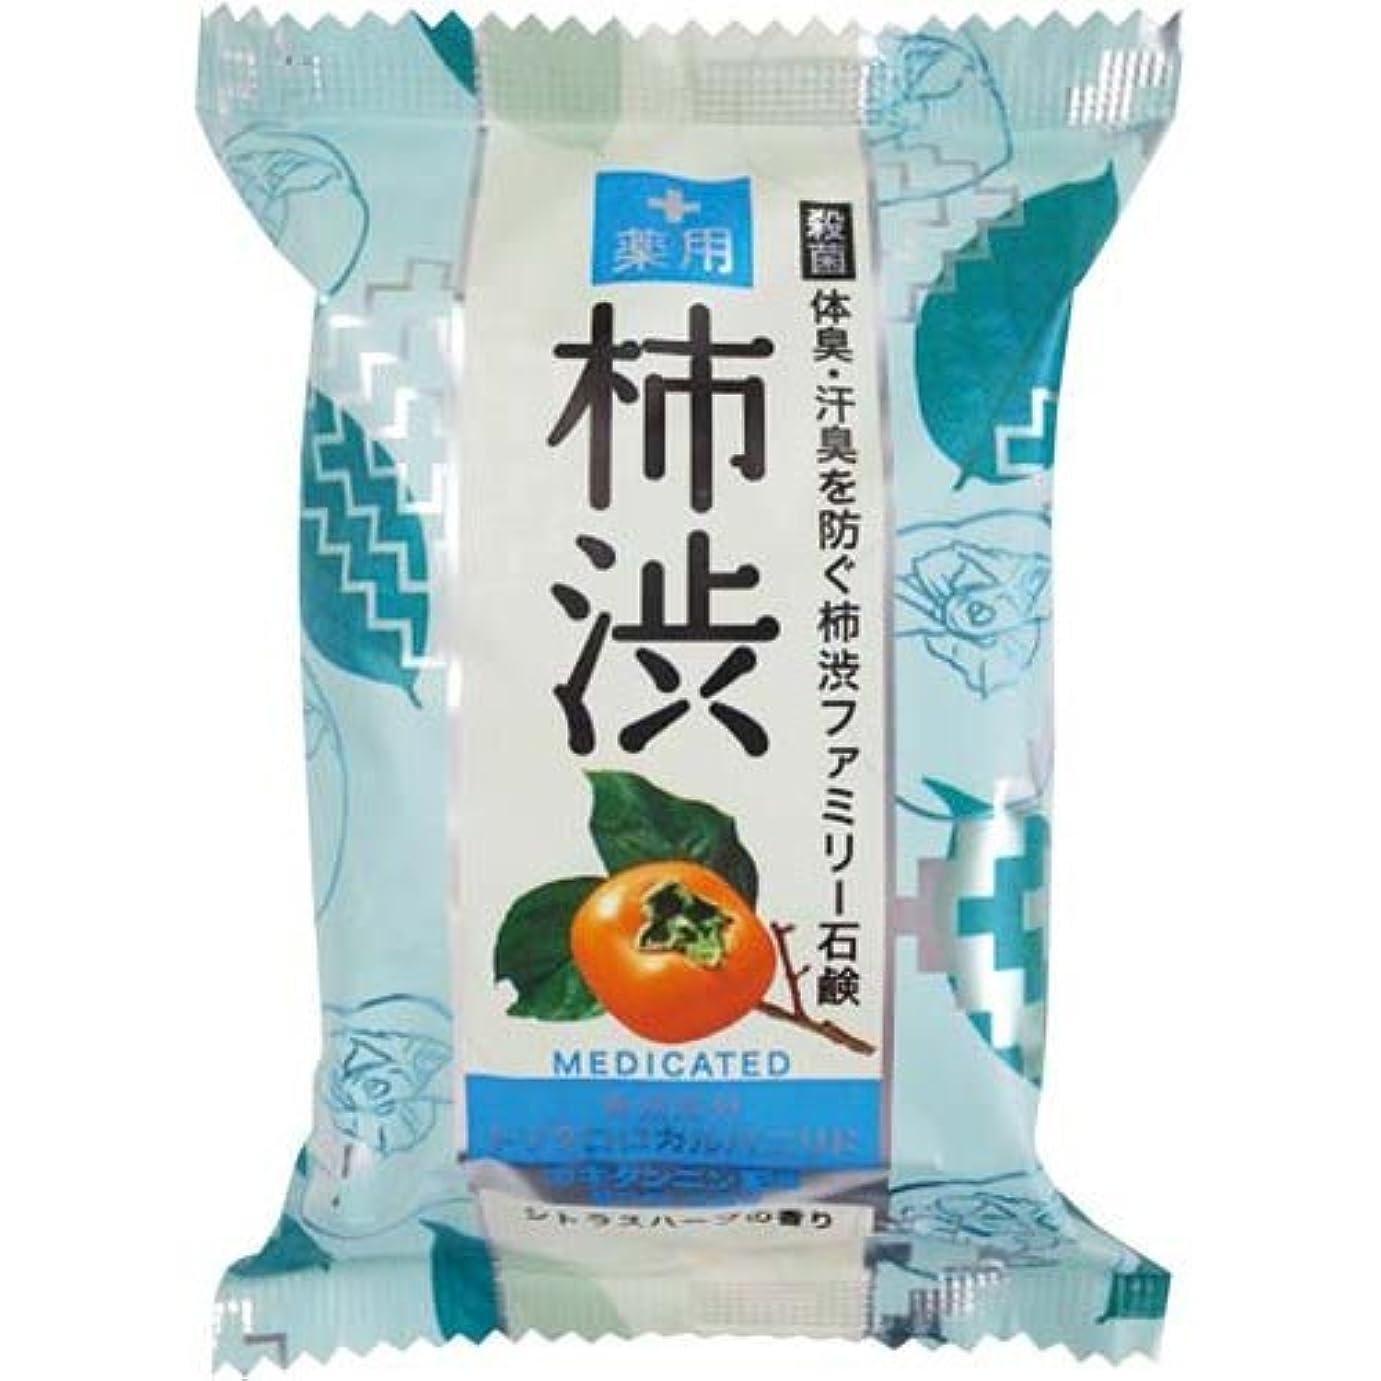 ベーリング海峡コメント記念品ペリカン石鹸 薬用ファミリー柿渋石鹸×6個×4箱